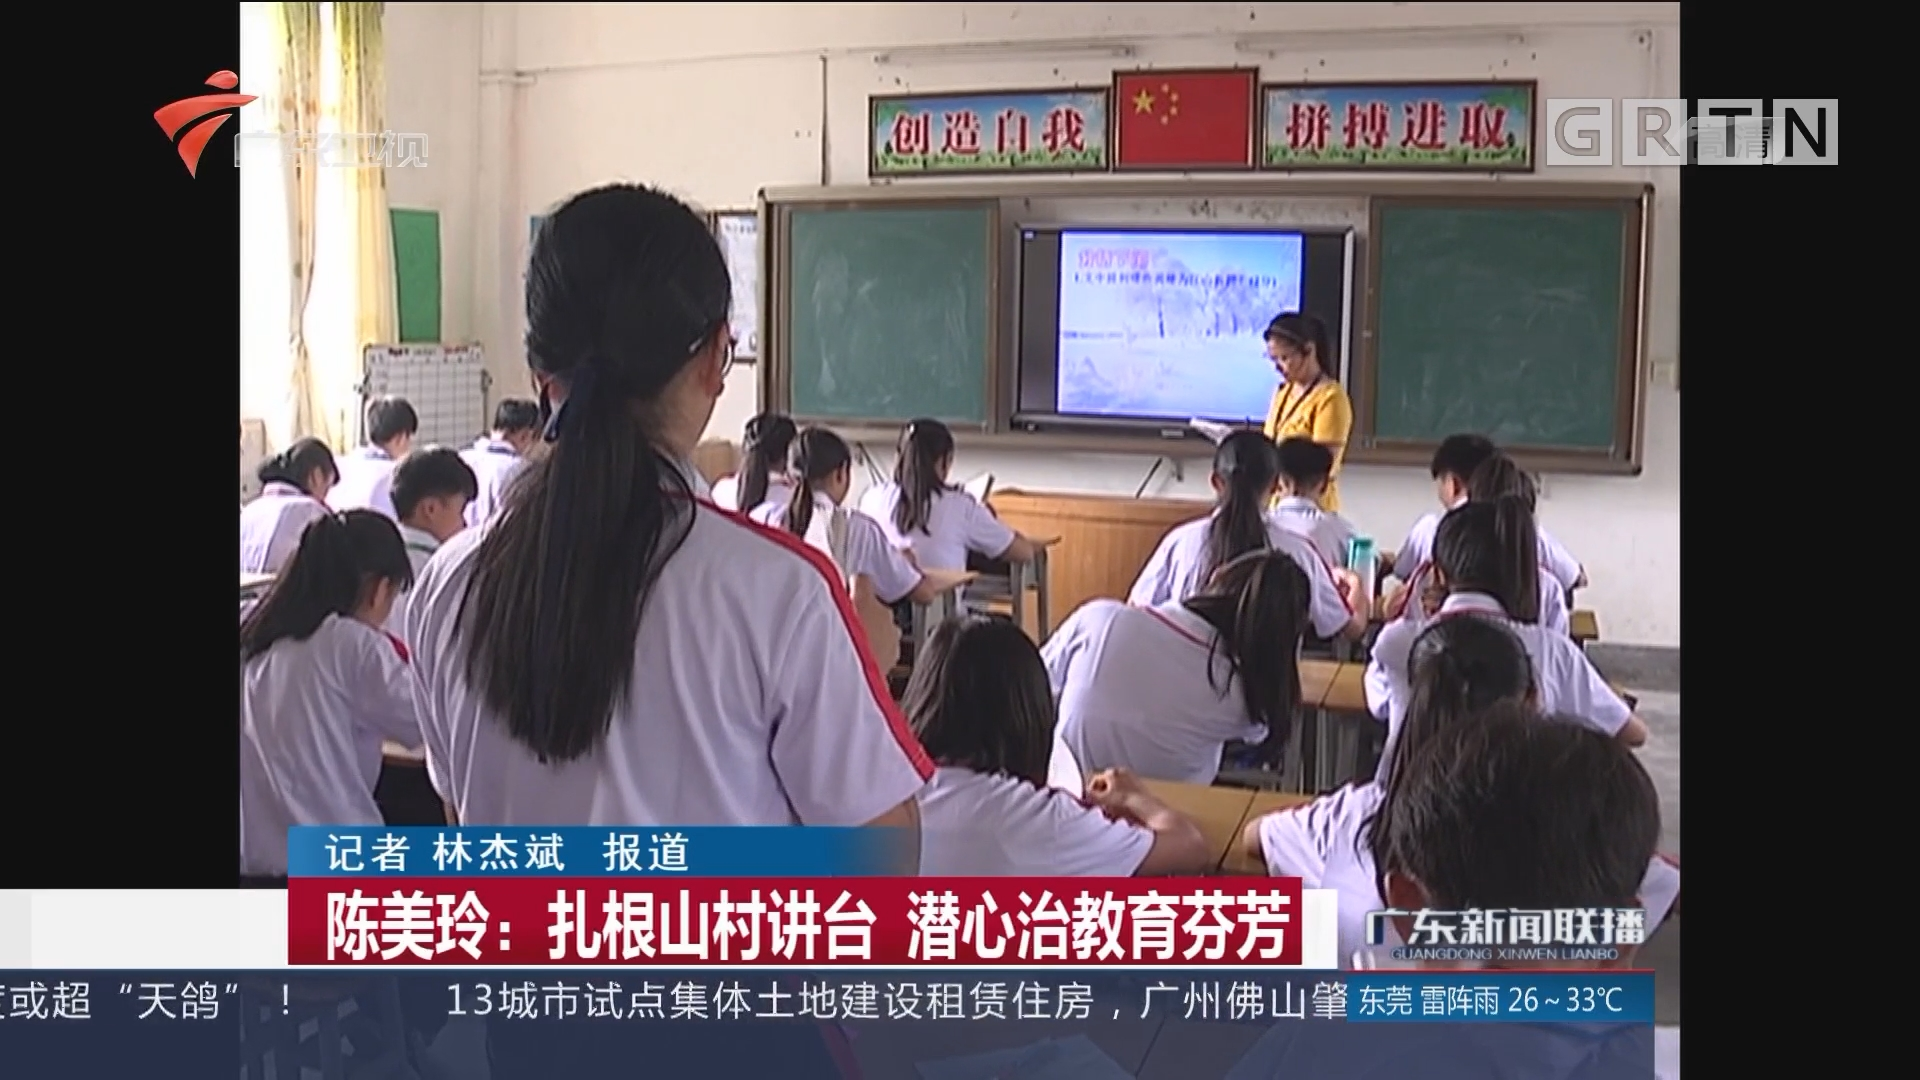 陈美玲:扎根山村讲台 潜心治教育芬芳